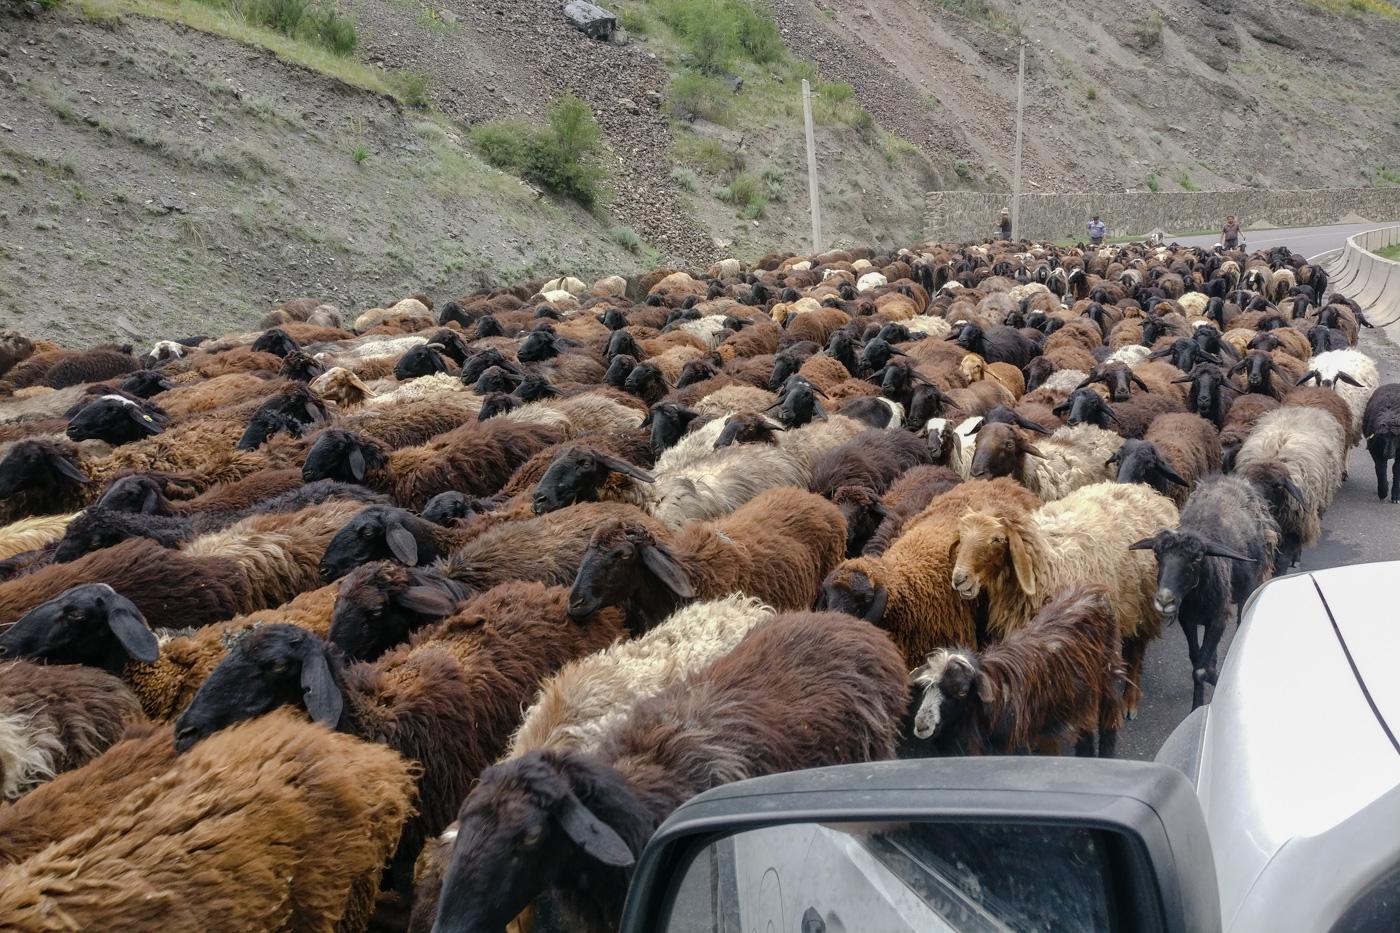 Schafherden bremsen unsere freie Fahrt auf gutem Asphalt.